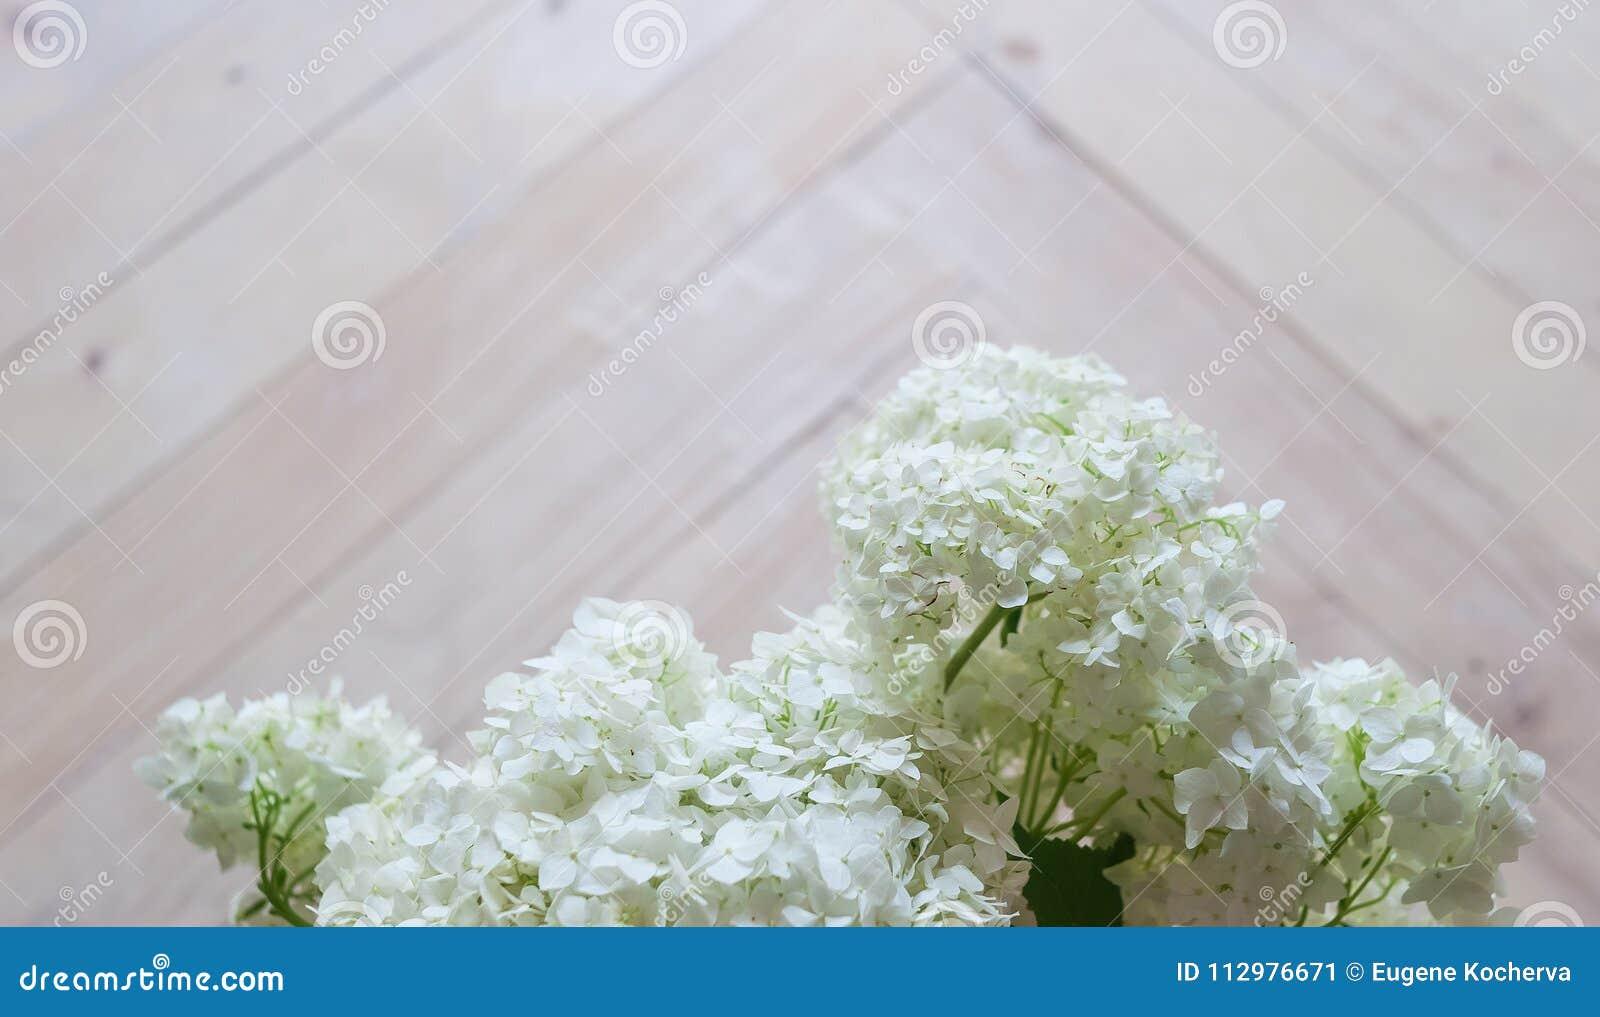 Tender white hydrangea on a wooden parquet.